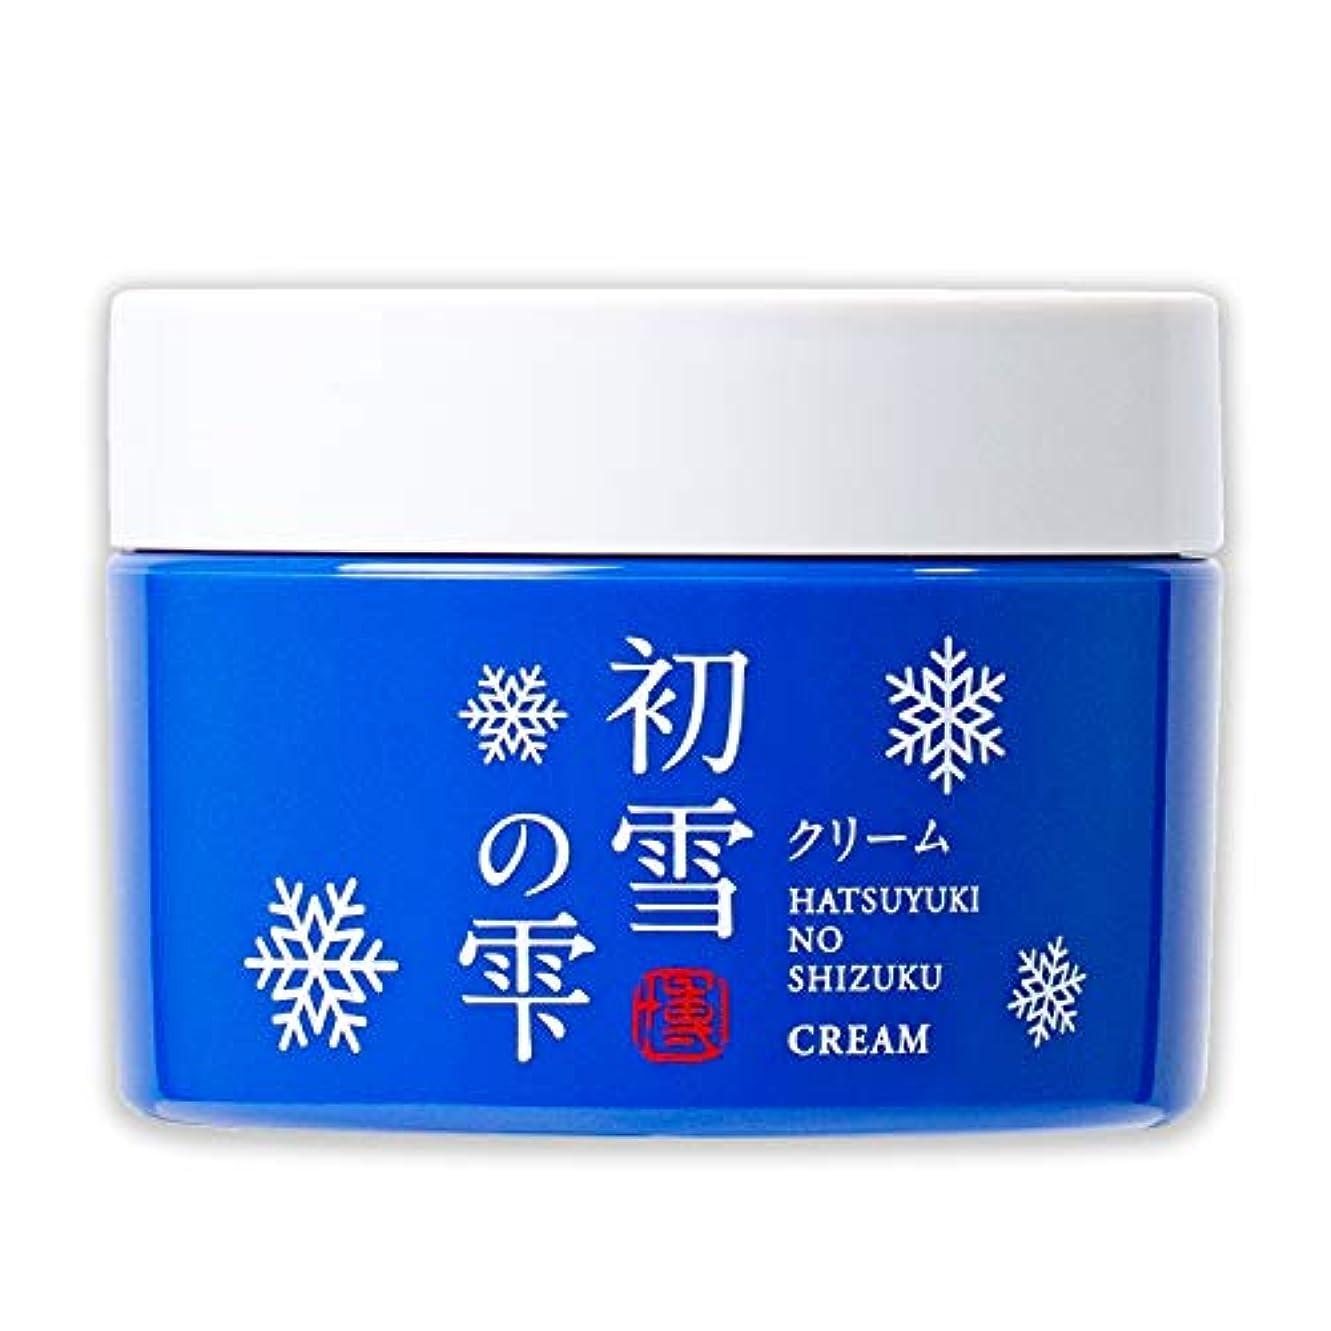 決定記念品キャッシュ初雪の雫 オールインワン 保湿 クリーム 50g 約1~1.5ヶ月分 [プラセンタ ヒアルロン酸 セラミド アルブチン ビタミンC ]